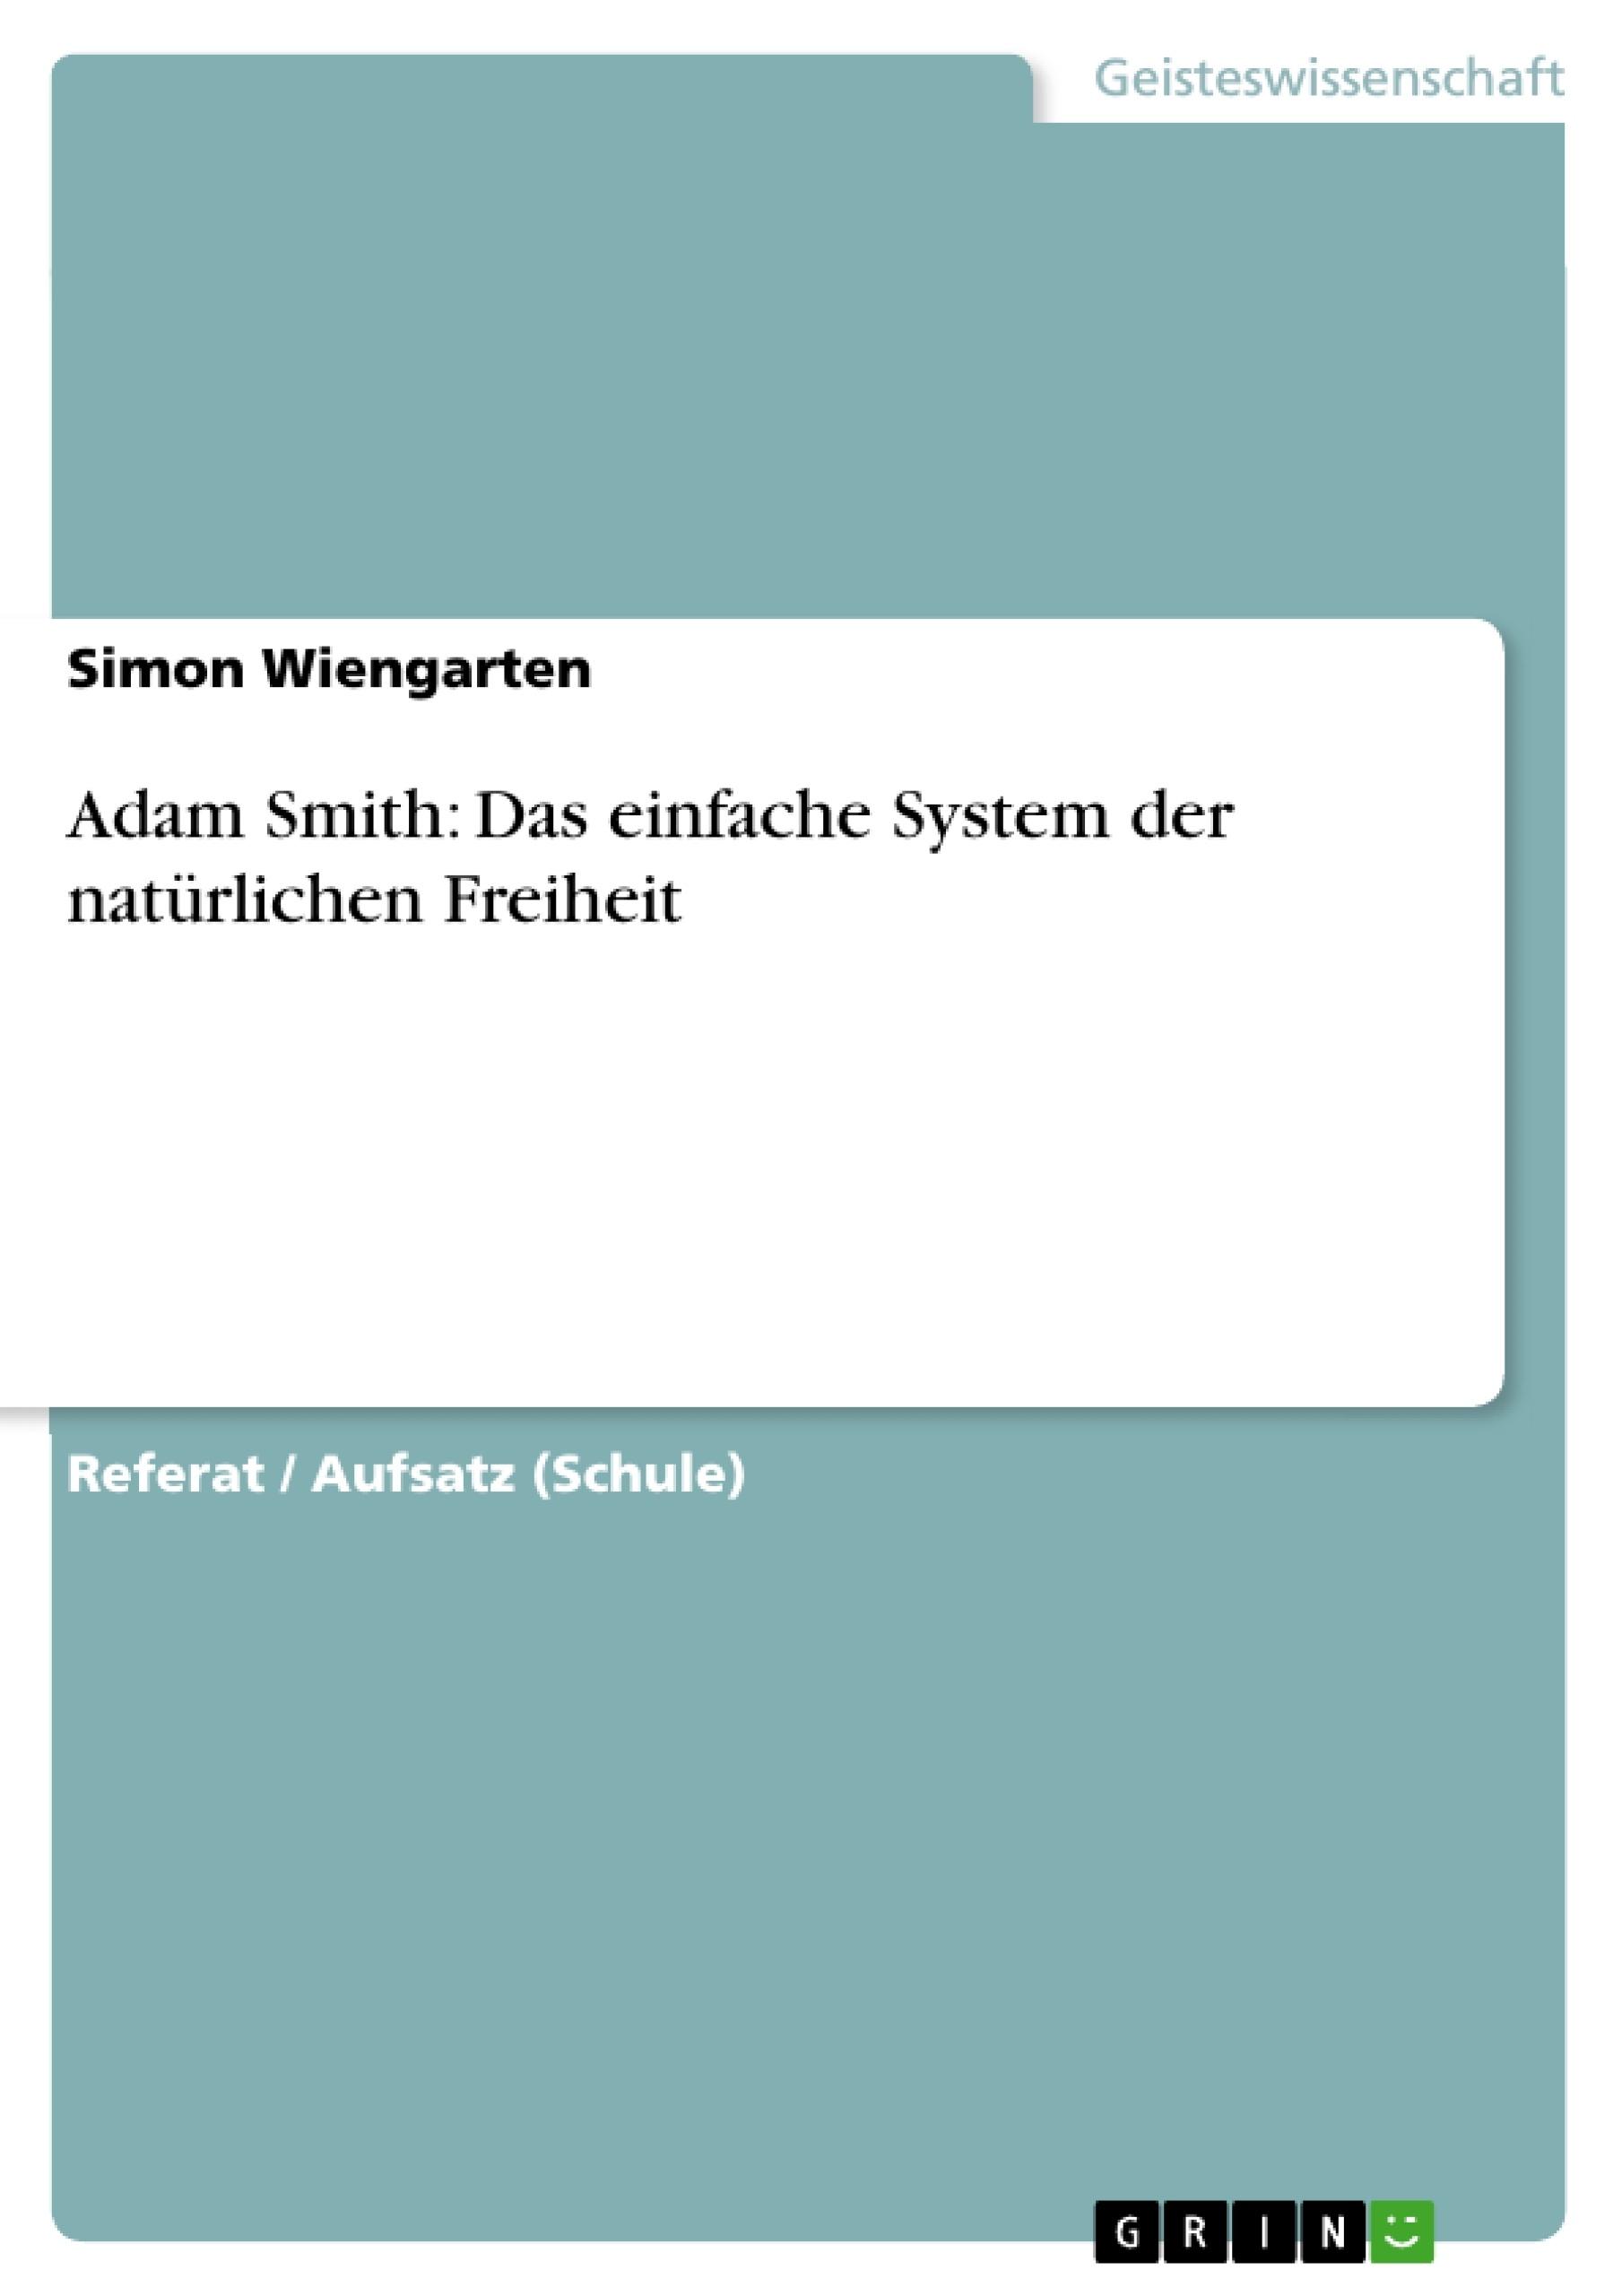 Titel: Adam Smith: Das einfache System der natürlichen Freiheit